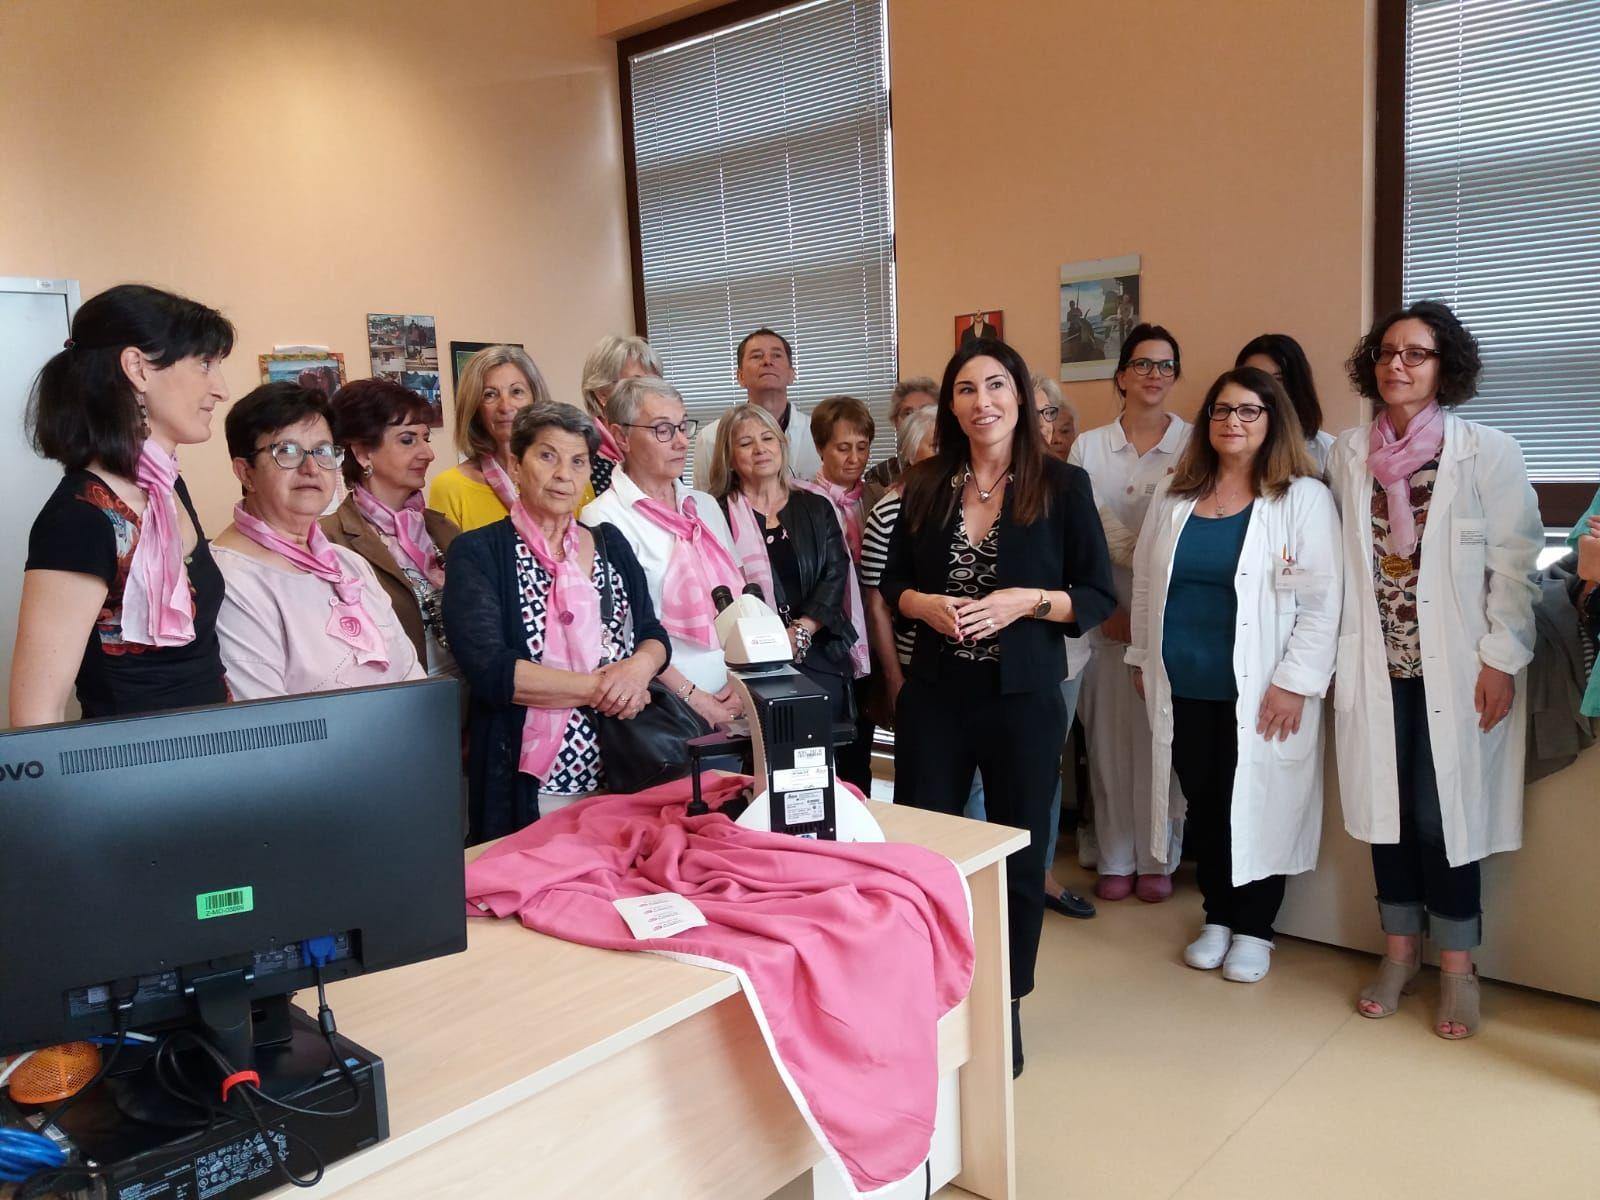 IVREA - L'Associazione Donna Oggi e Domani ha donato un prezioso microscopio all'Asl To4